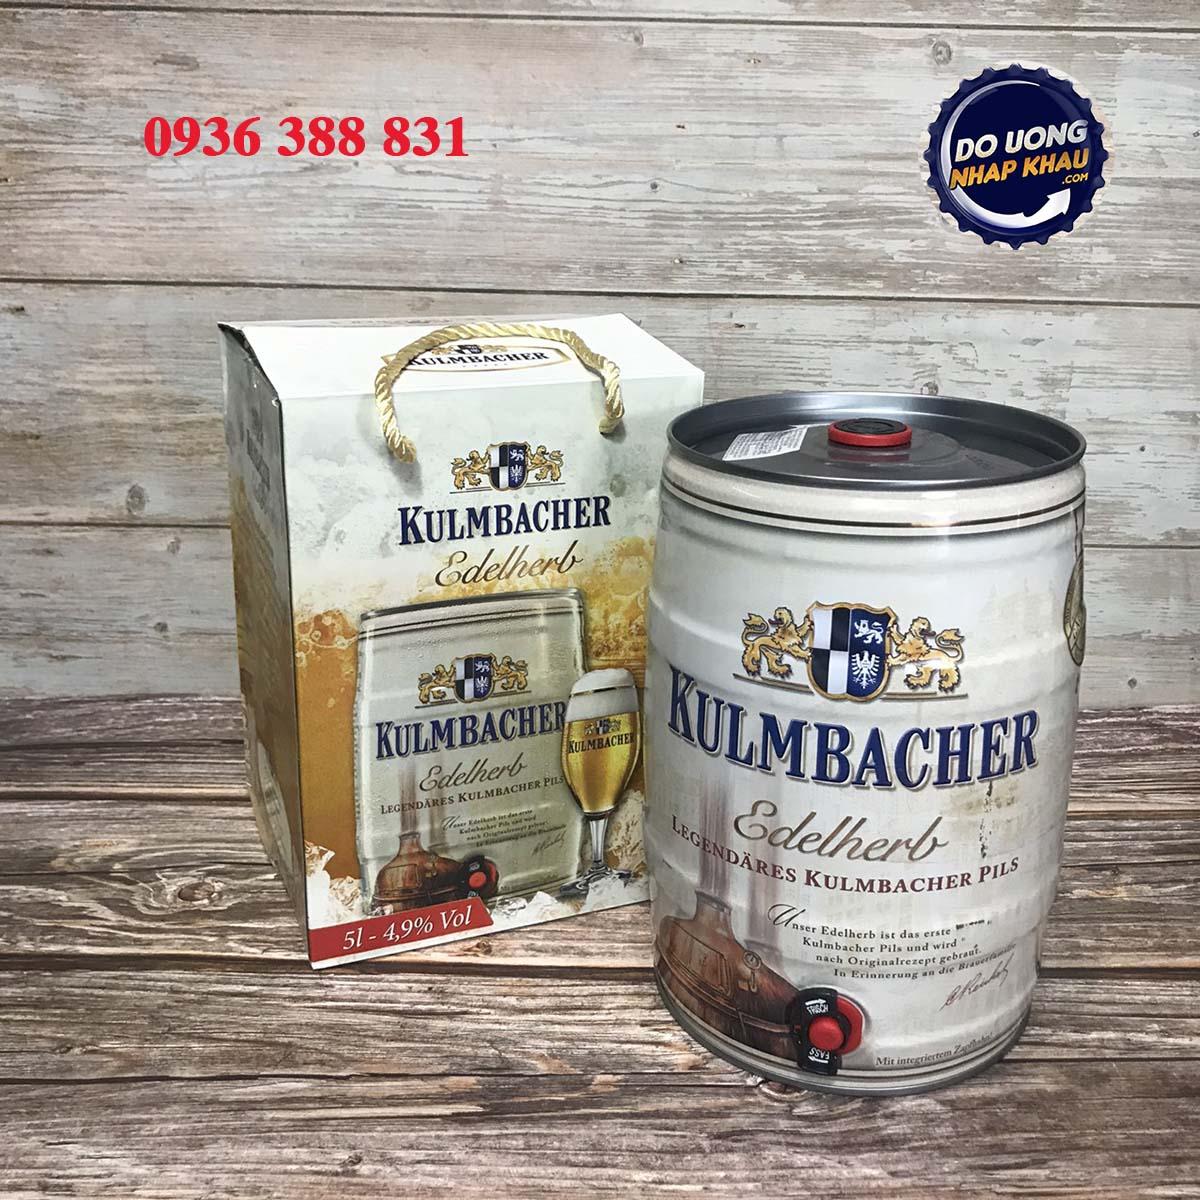 Bom bia Kulmbacher Edelherb 4,9% Đức